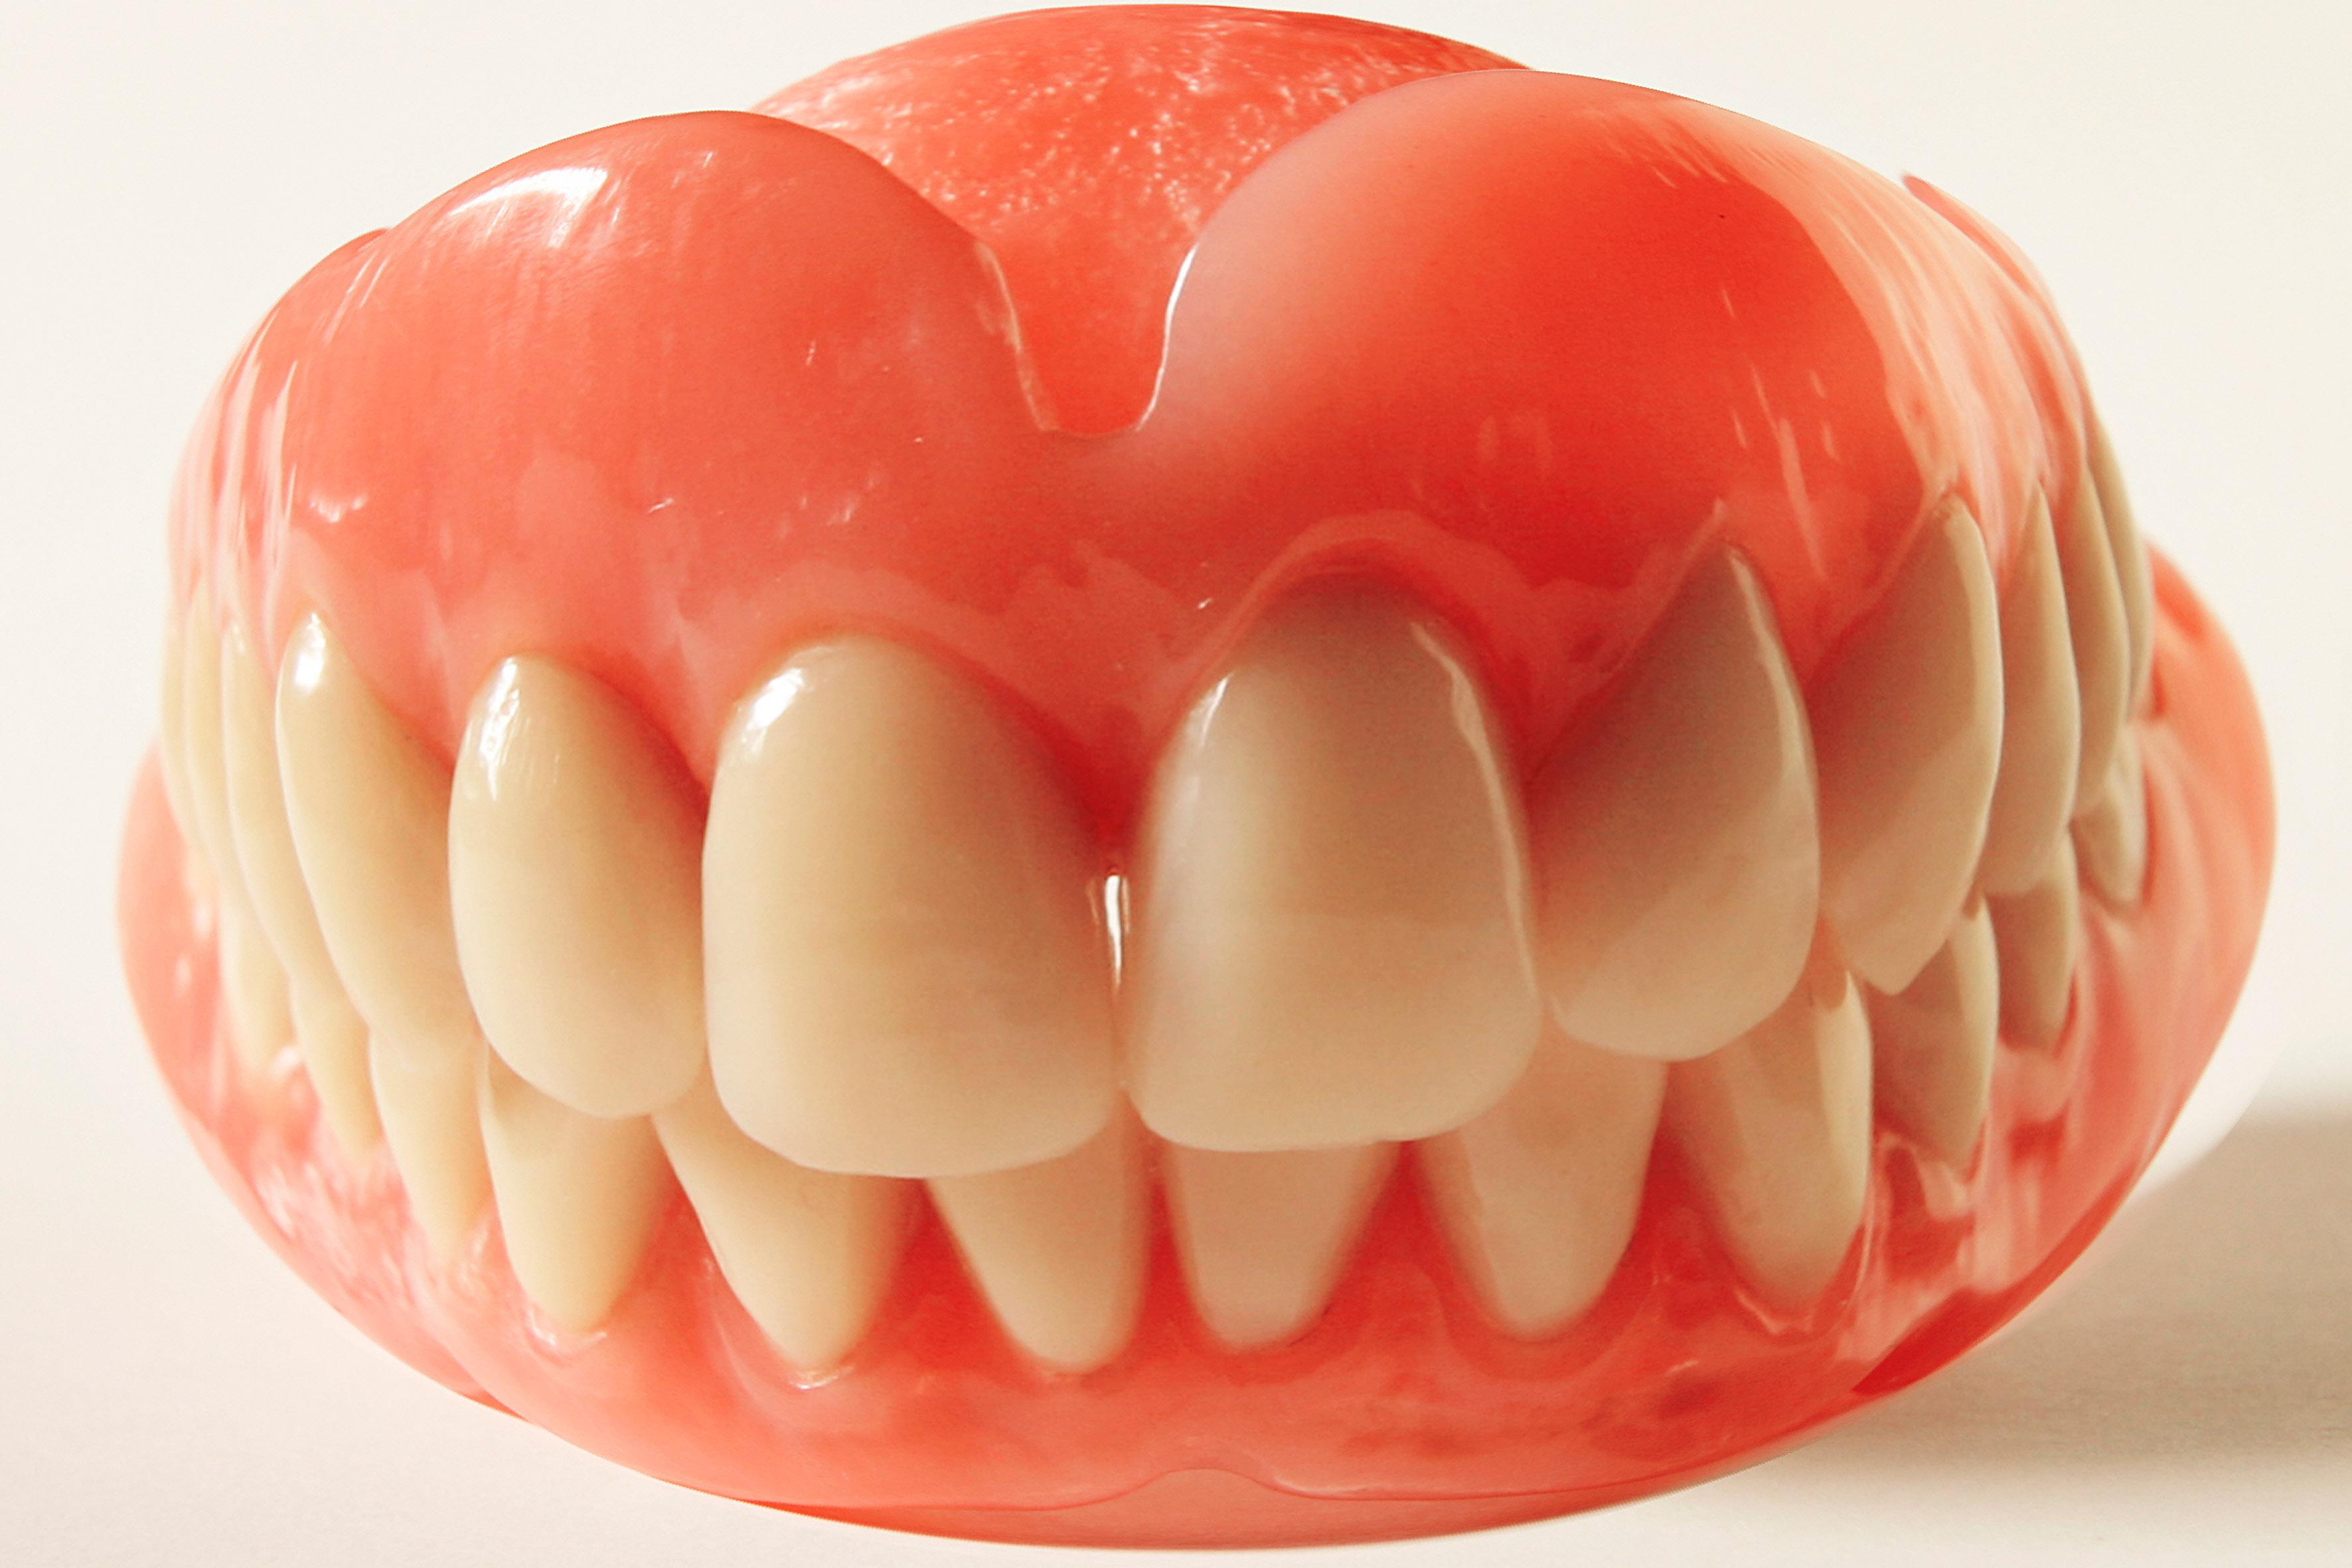 nachts mit den zähnen knirschen